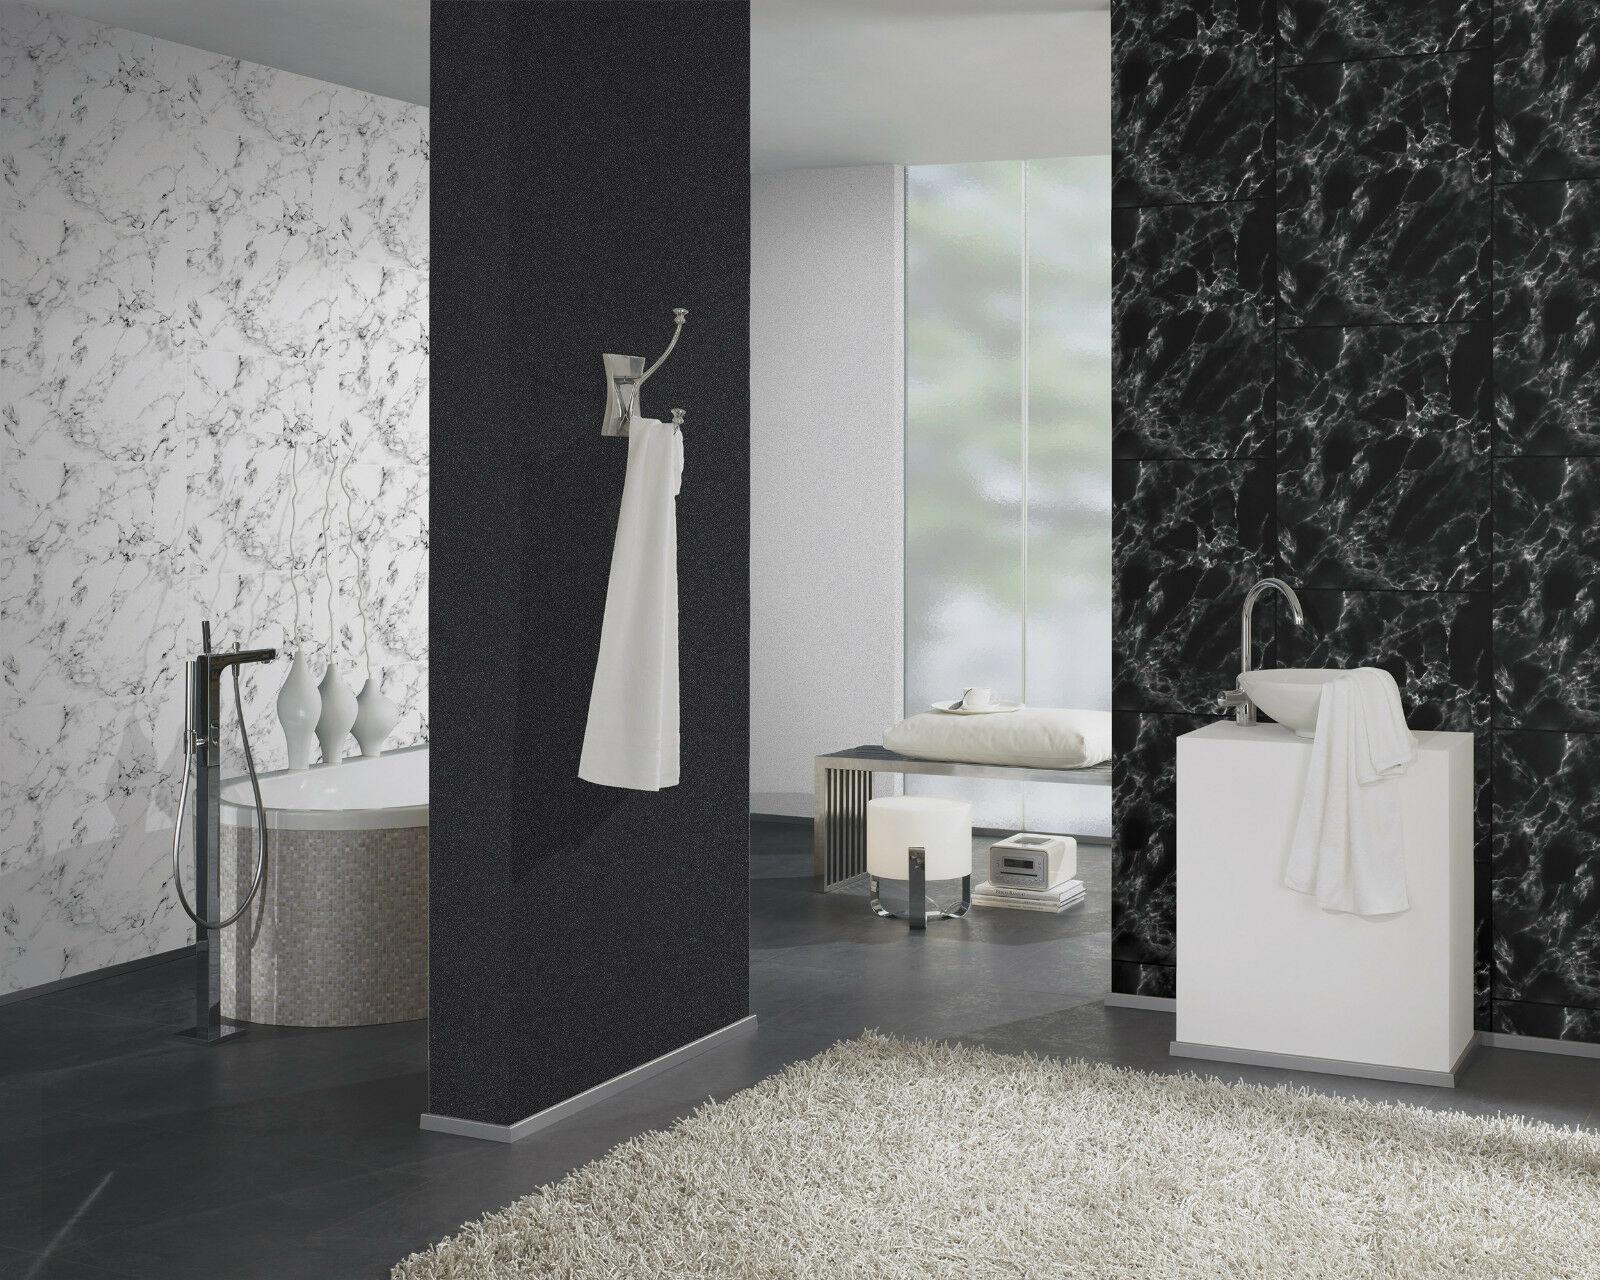 Vlies tapete marmor platten naturstein fliesen steintapete weiß grau